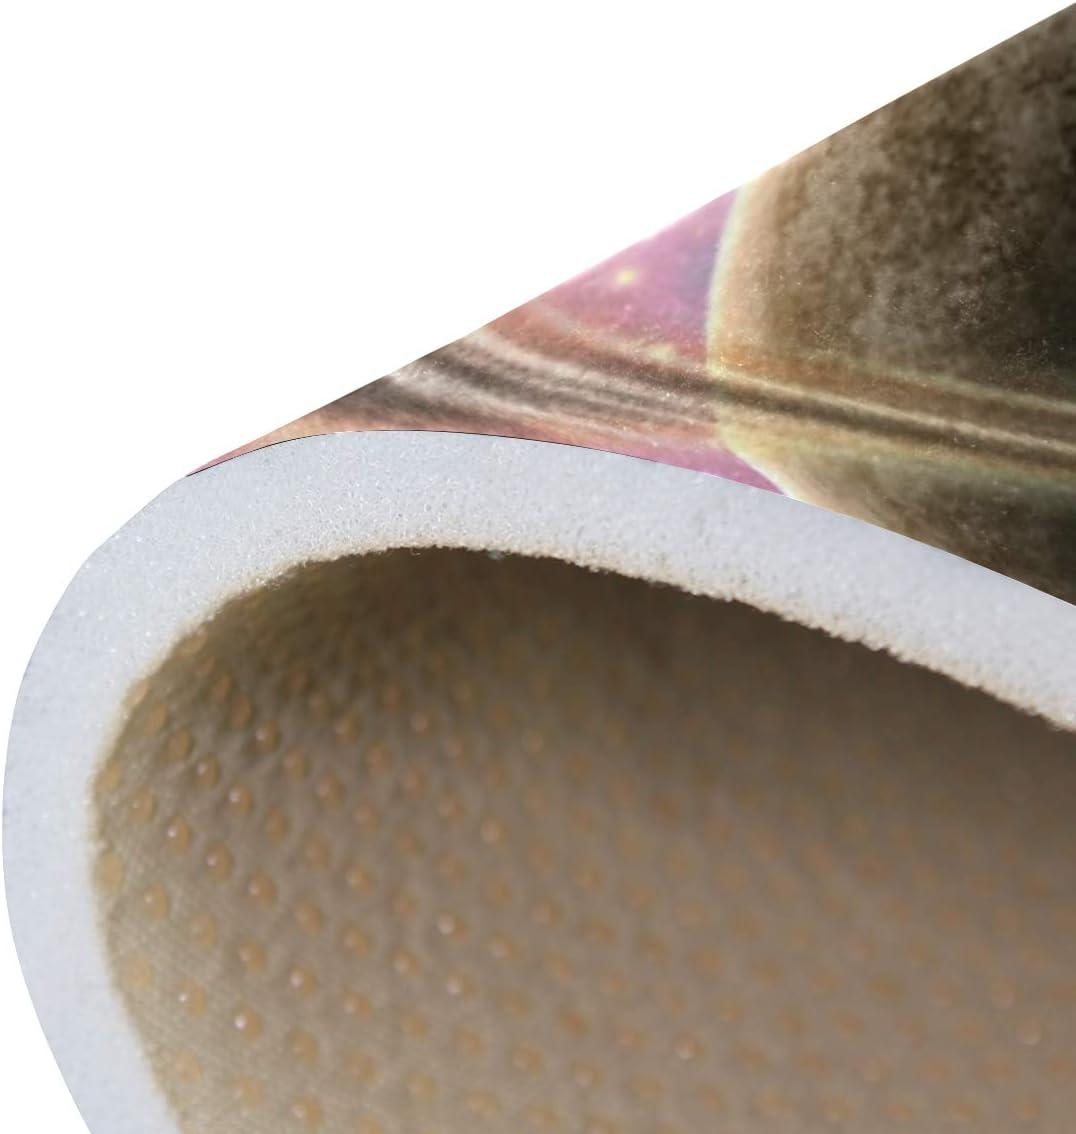 Orediy Gro/ße Schaumstoff-Teppich Schlafzimmer Kinderzimmerteppich f/ür Wohnzimmer leicht Multi Polyester Planetensterne Spielmatte 160 x 122 cm Yogamatte Motiv Weltall f/ür Kinder